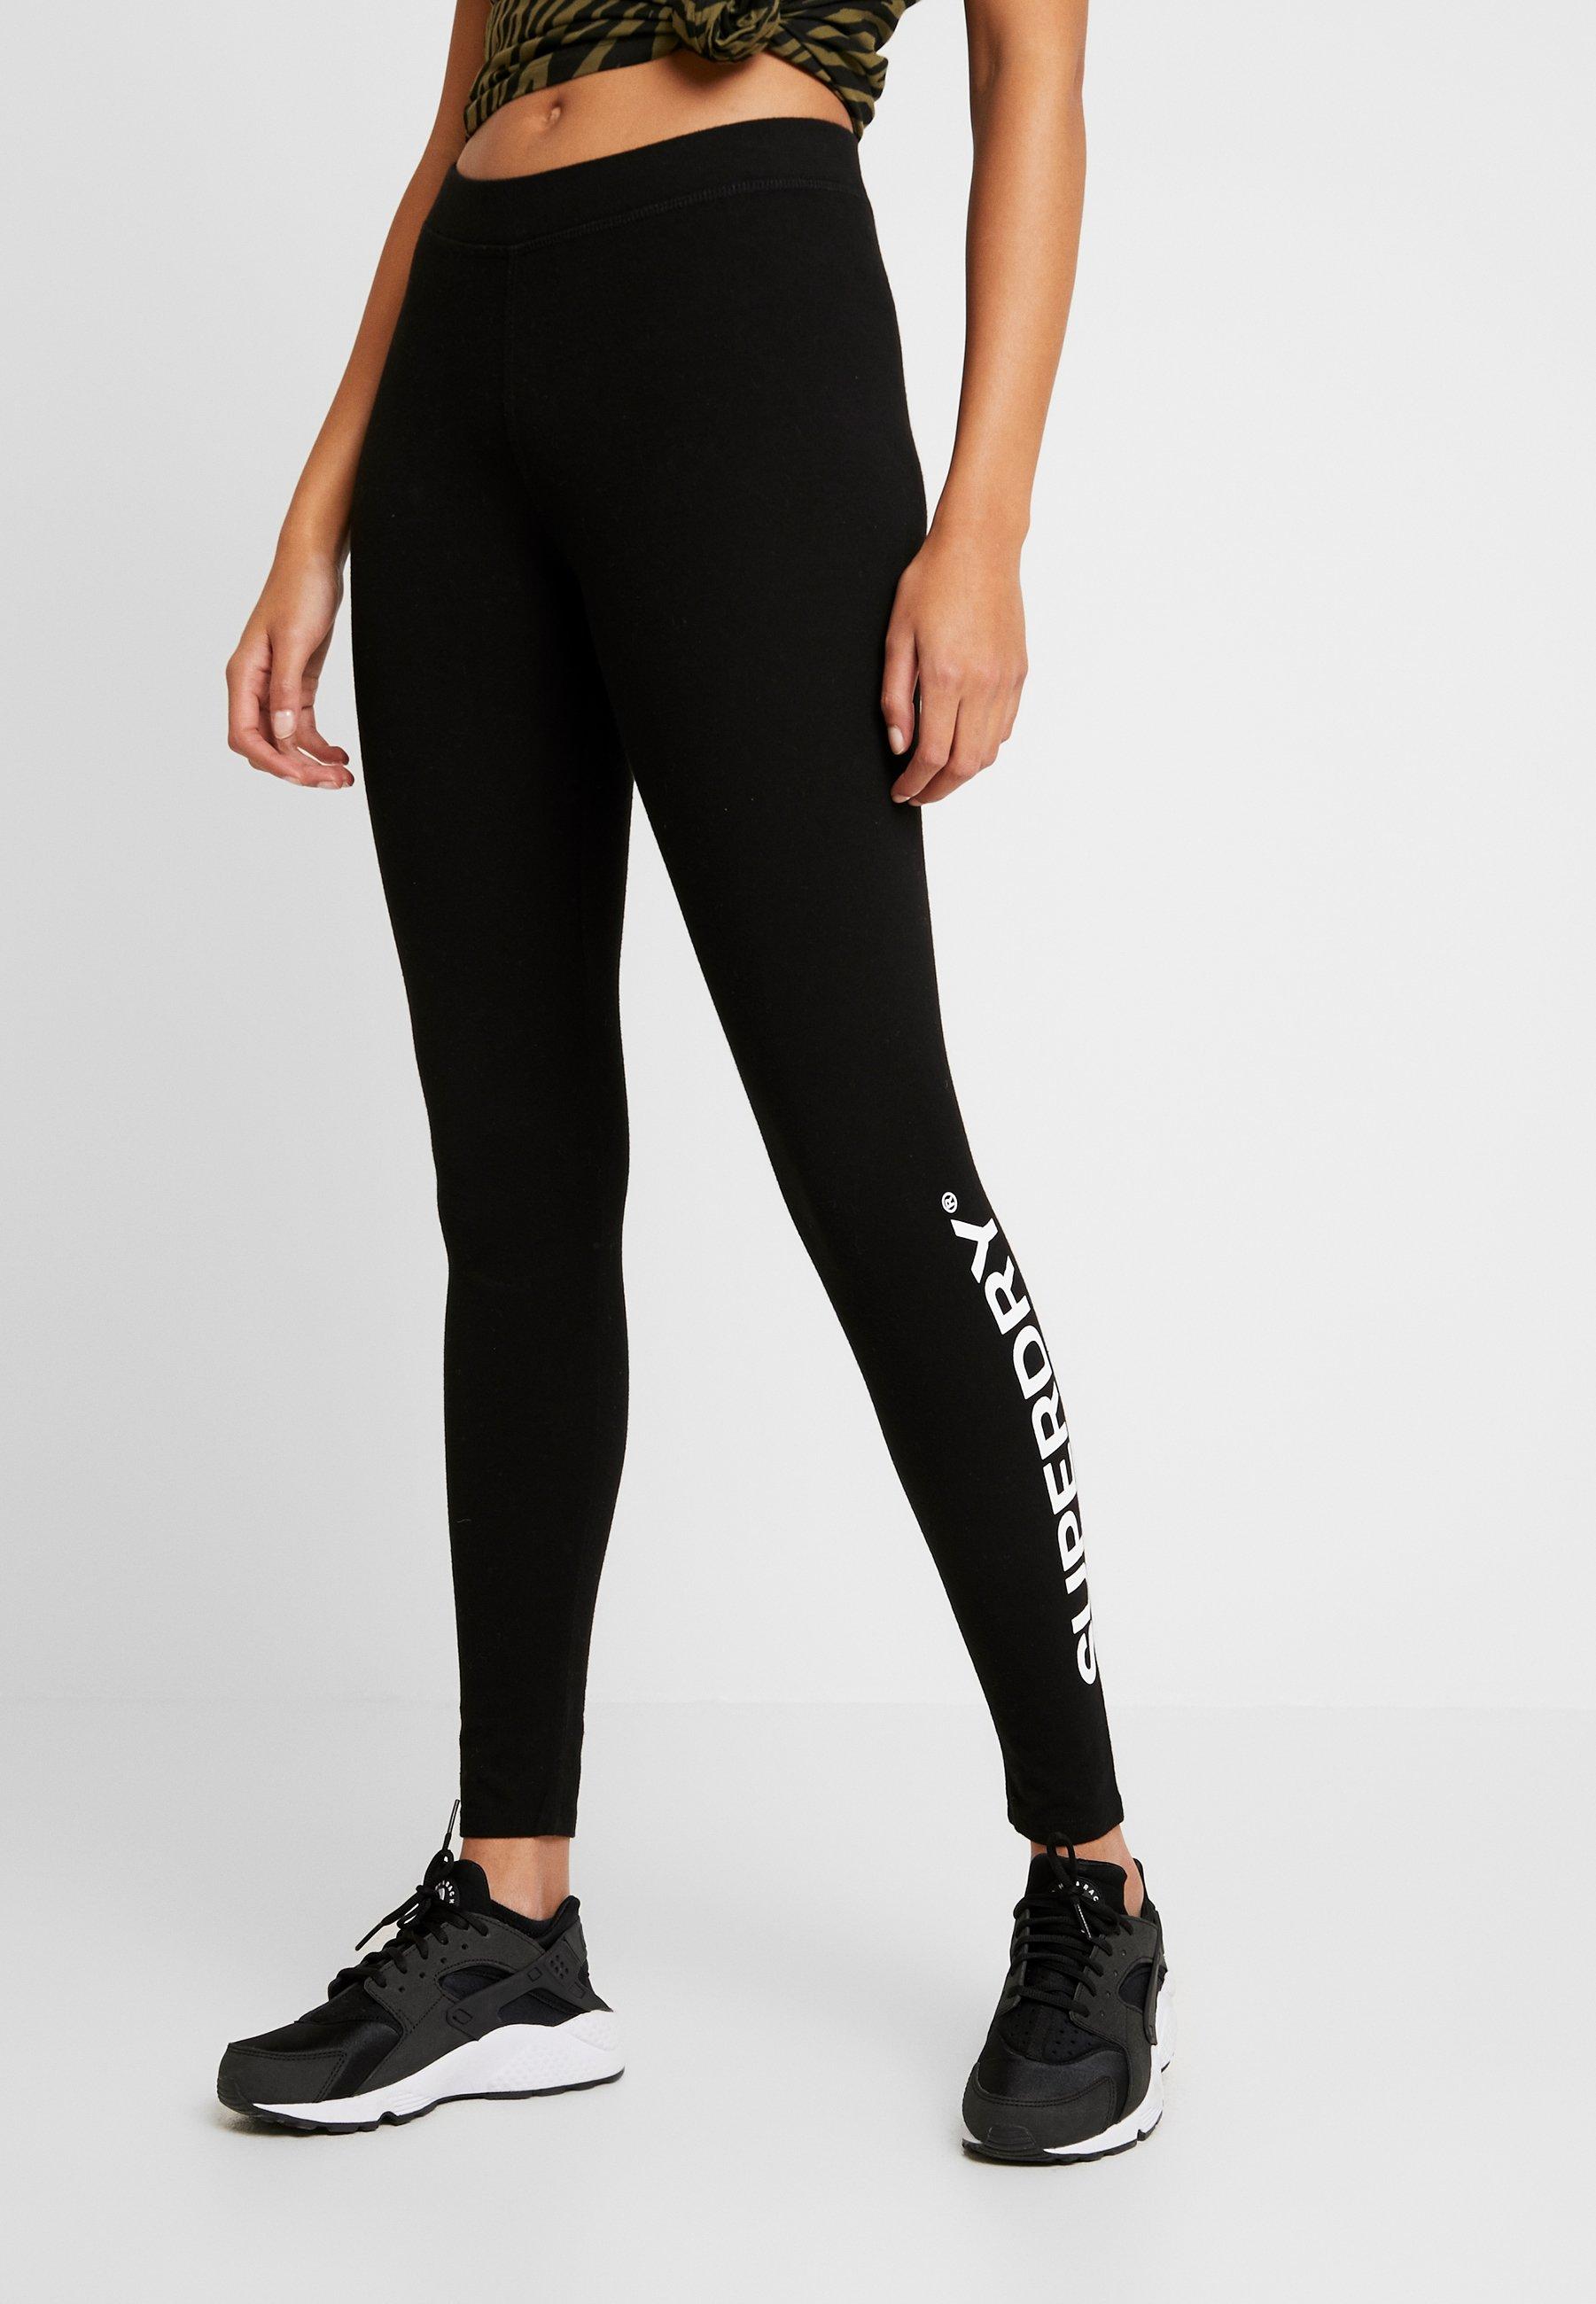 Superdry The Logo - Leggings Black